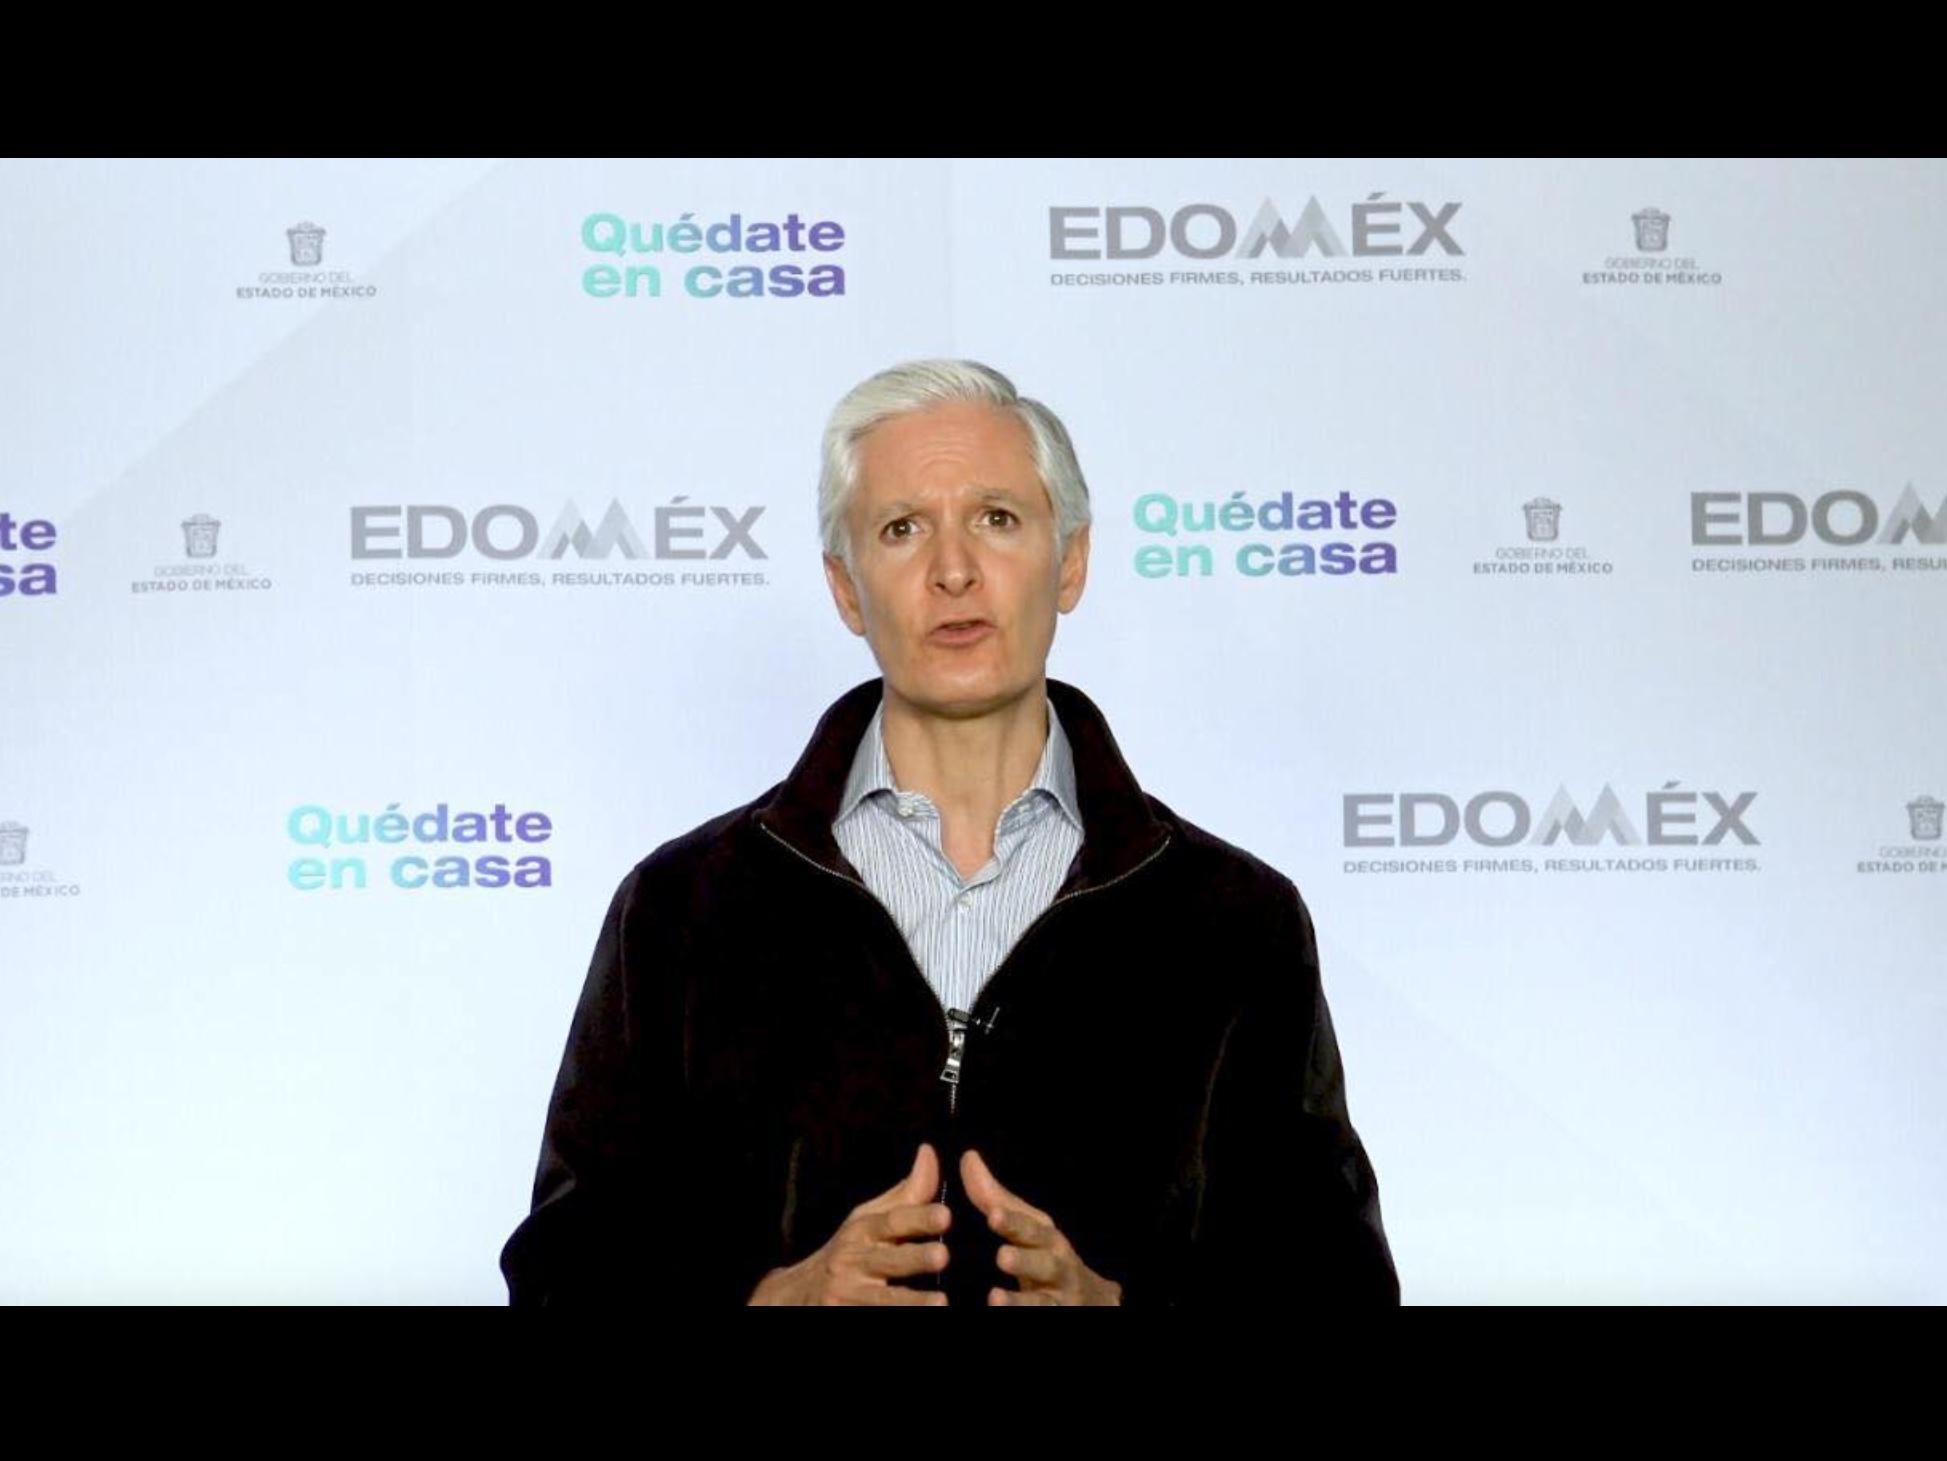 """Integración a """"Nueva Normalidad"""" en Edoméx no será inmediata"""